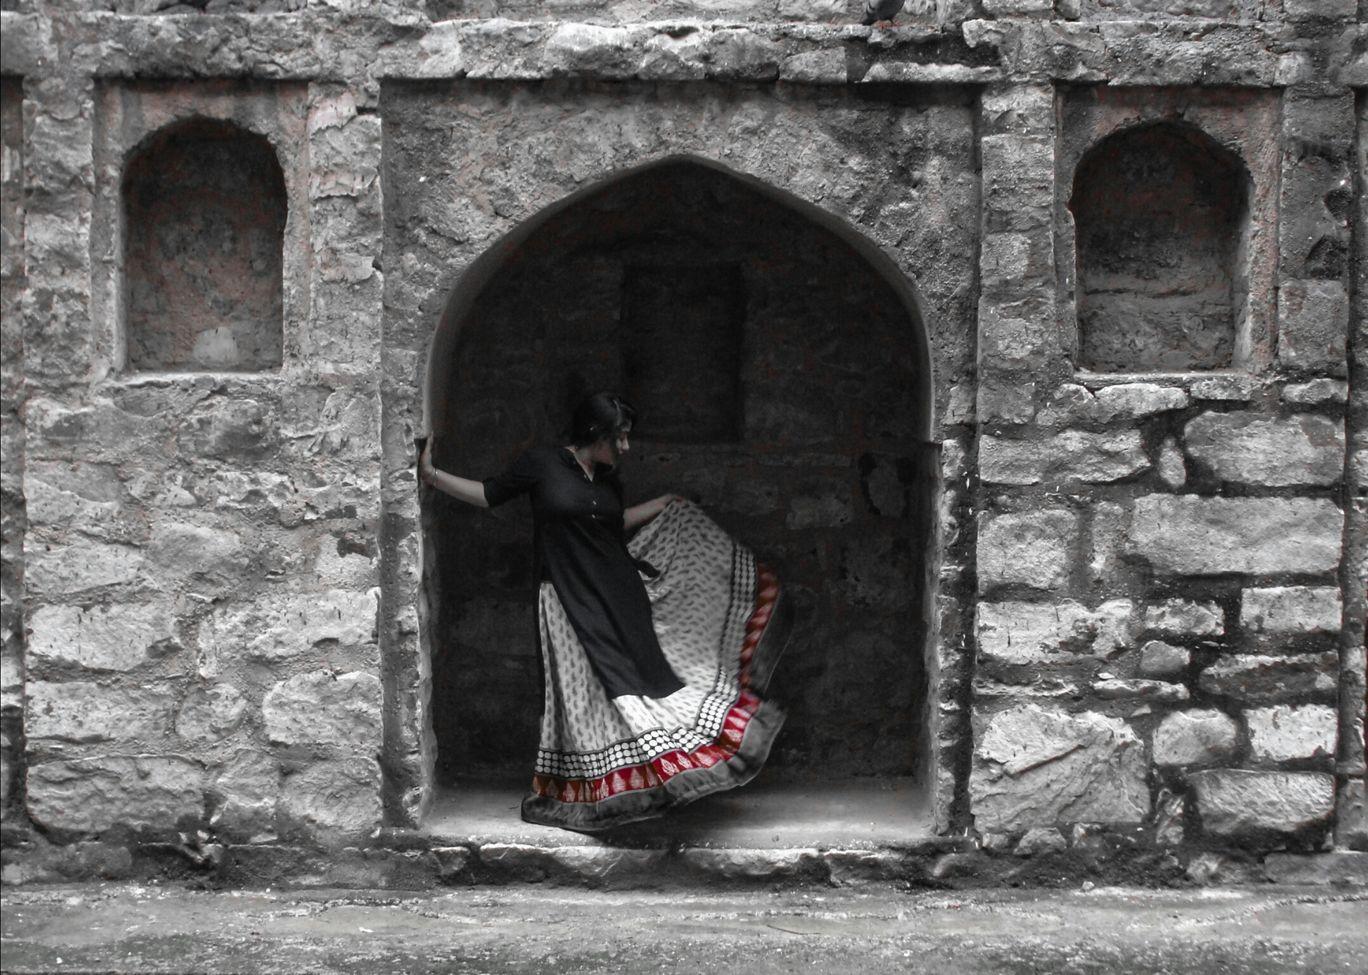 Photo of Ugrasen ki baoli By Rashmi Singh